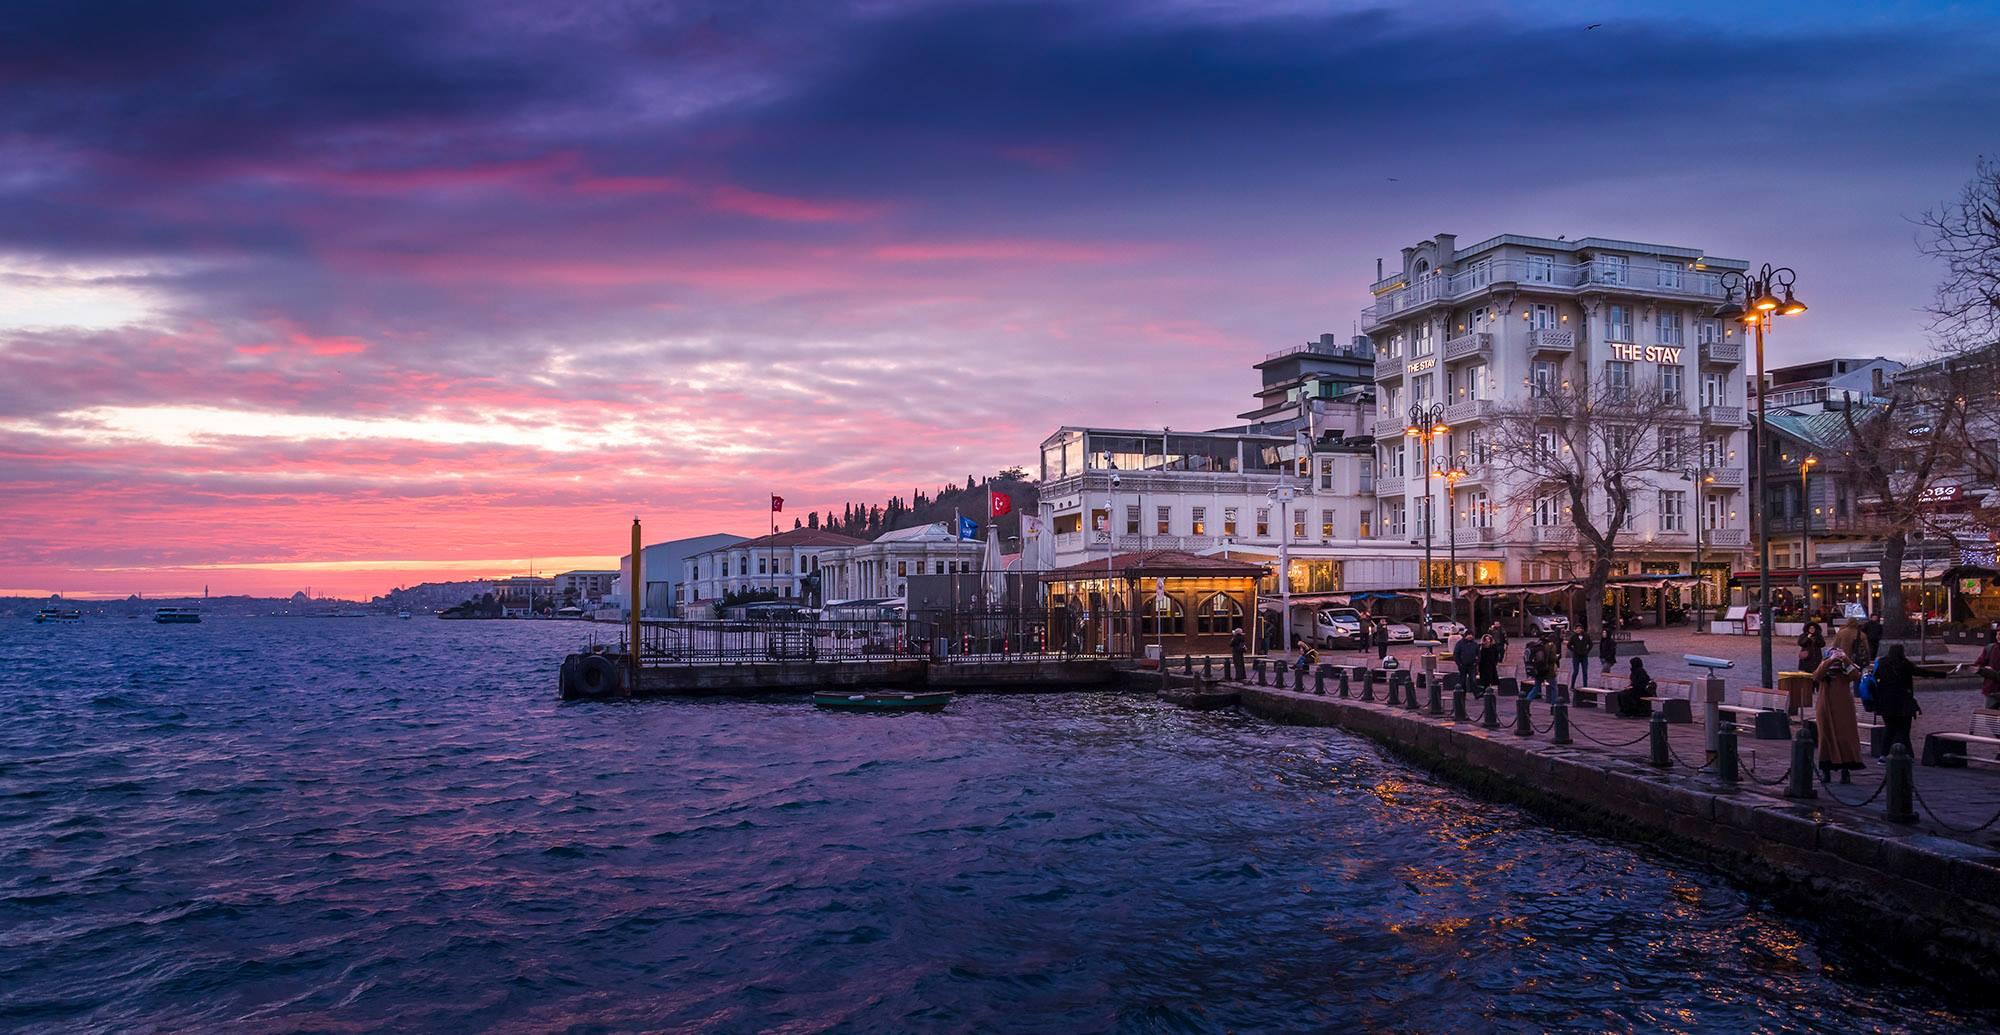 فندق The Stay Bosphorus أورتاكوي اسطنبول